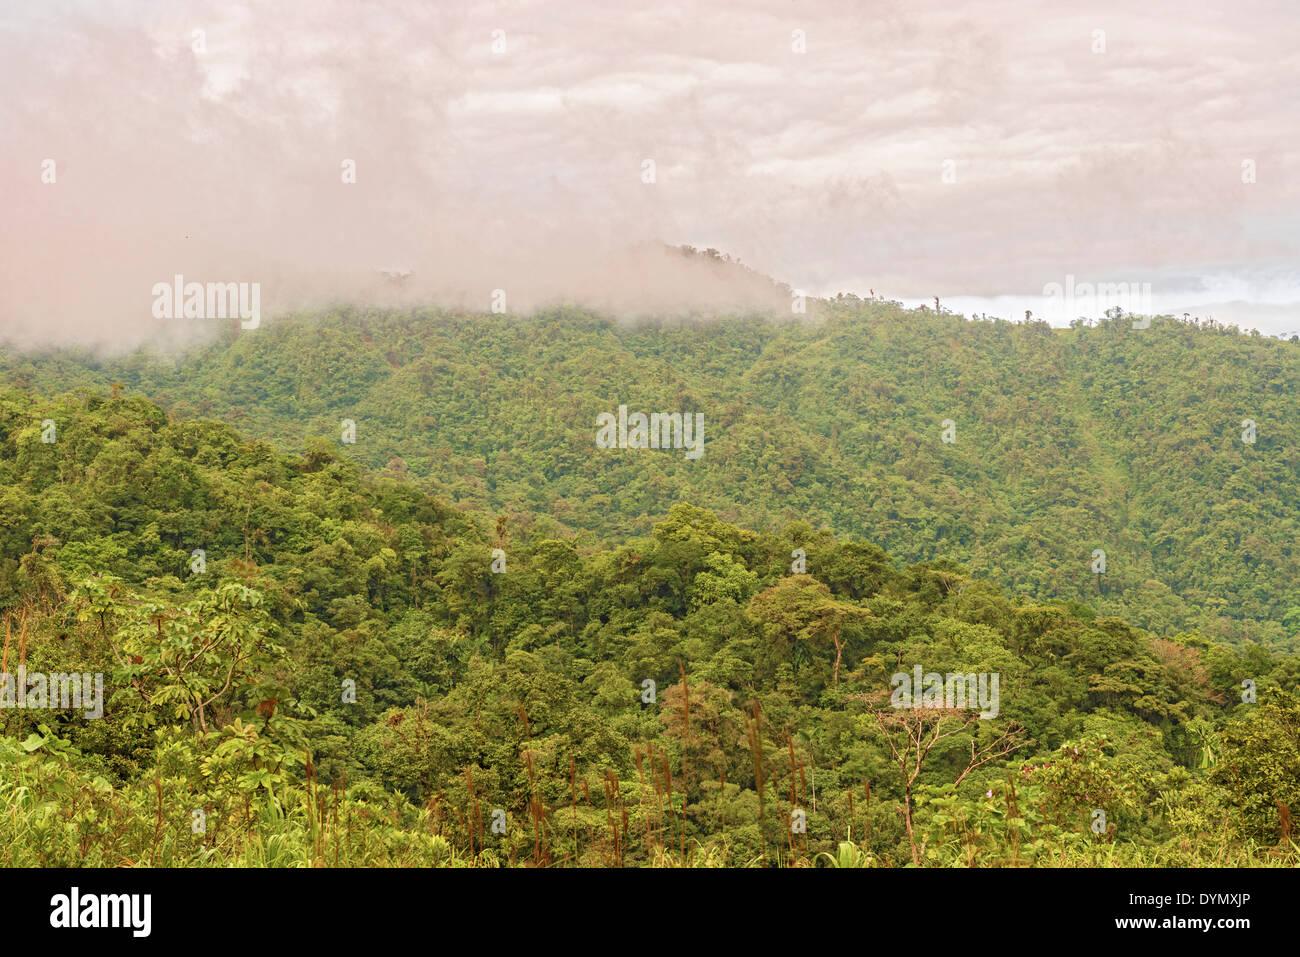 Montagne e foreste pluviali tropicali in Fortuna National Park a Panama in data 8 gennaio 2014. Immagini Stock